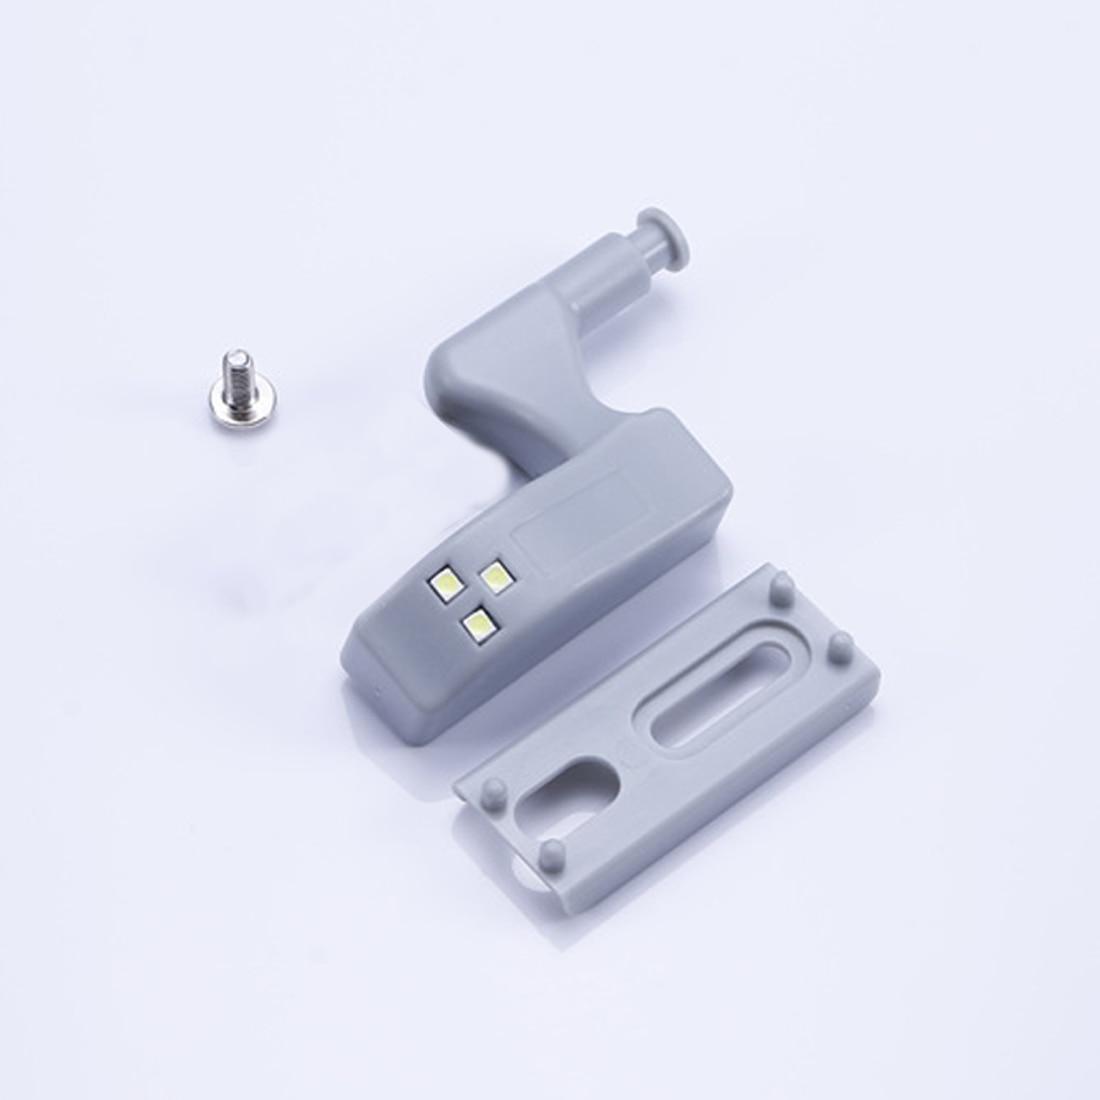 Nuovo 10 Pz 0.25 W Interno Cerniera Sensore di Luce LED Per Cucina Camera Da Letto Soggiorno Armadietto Armadio Guardaroba di Notte luci